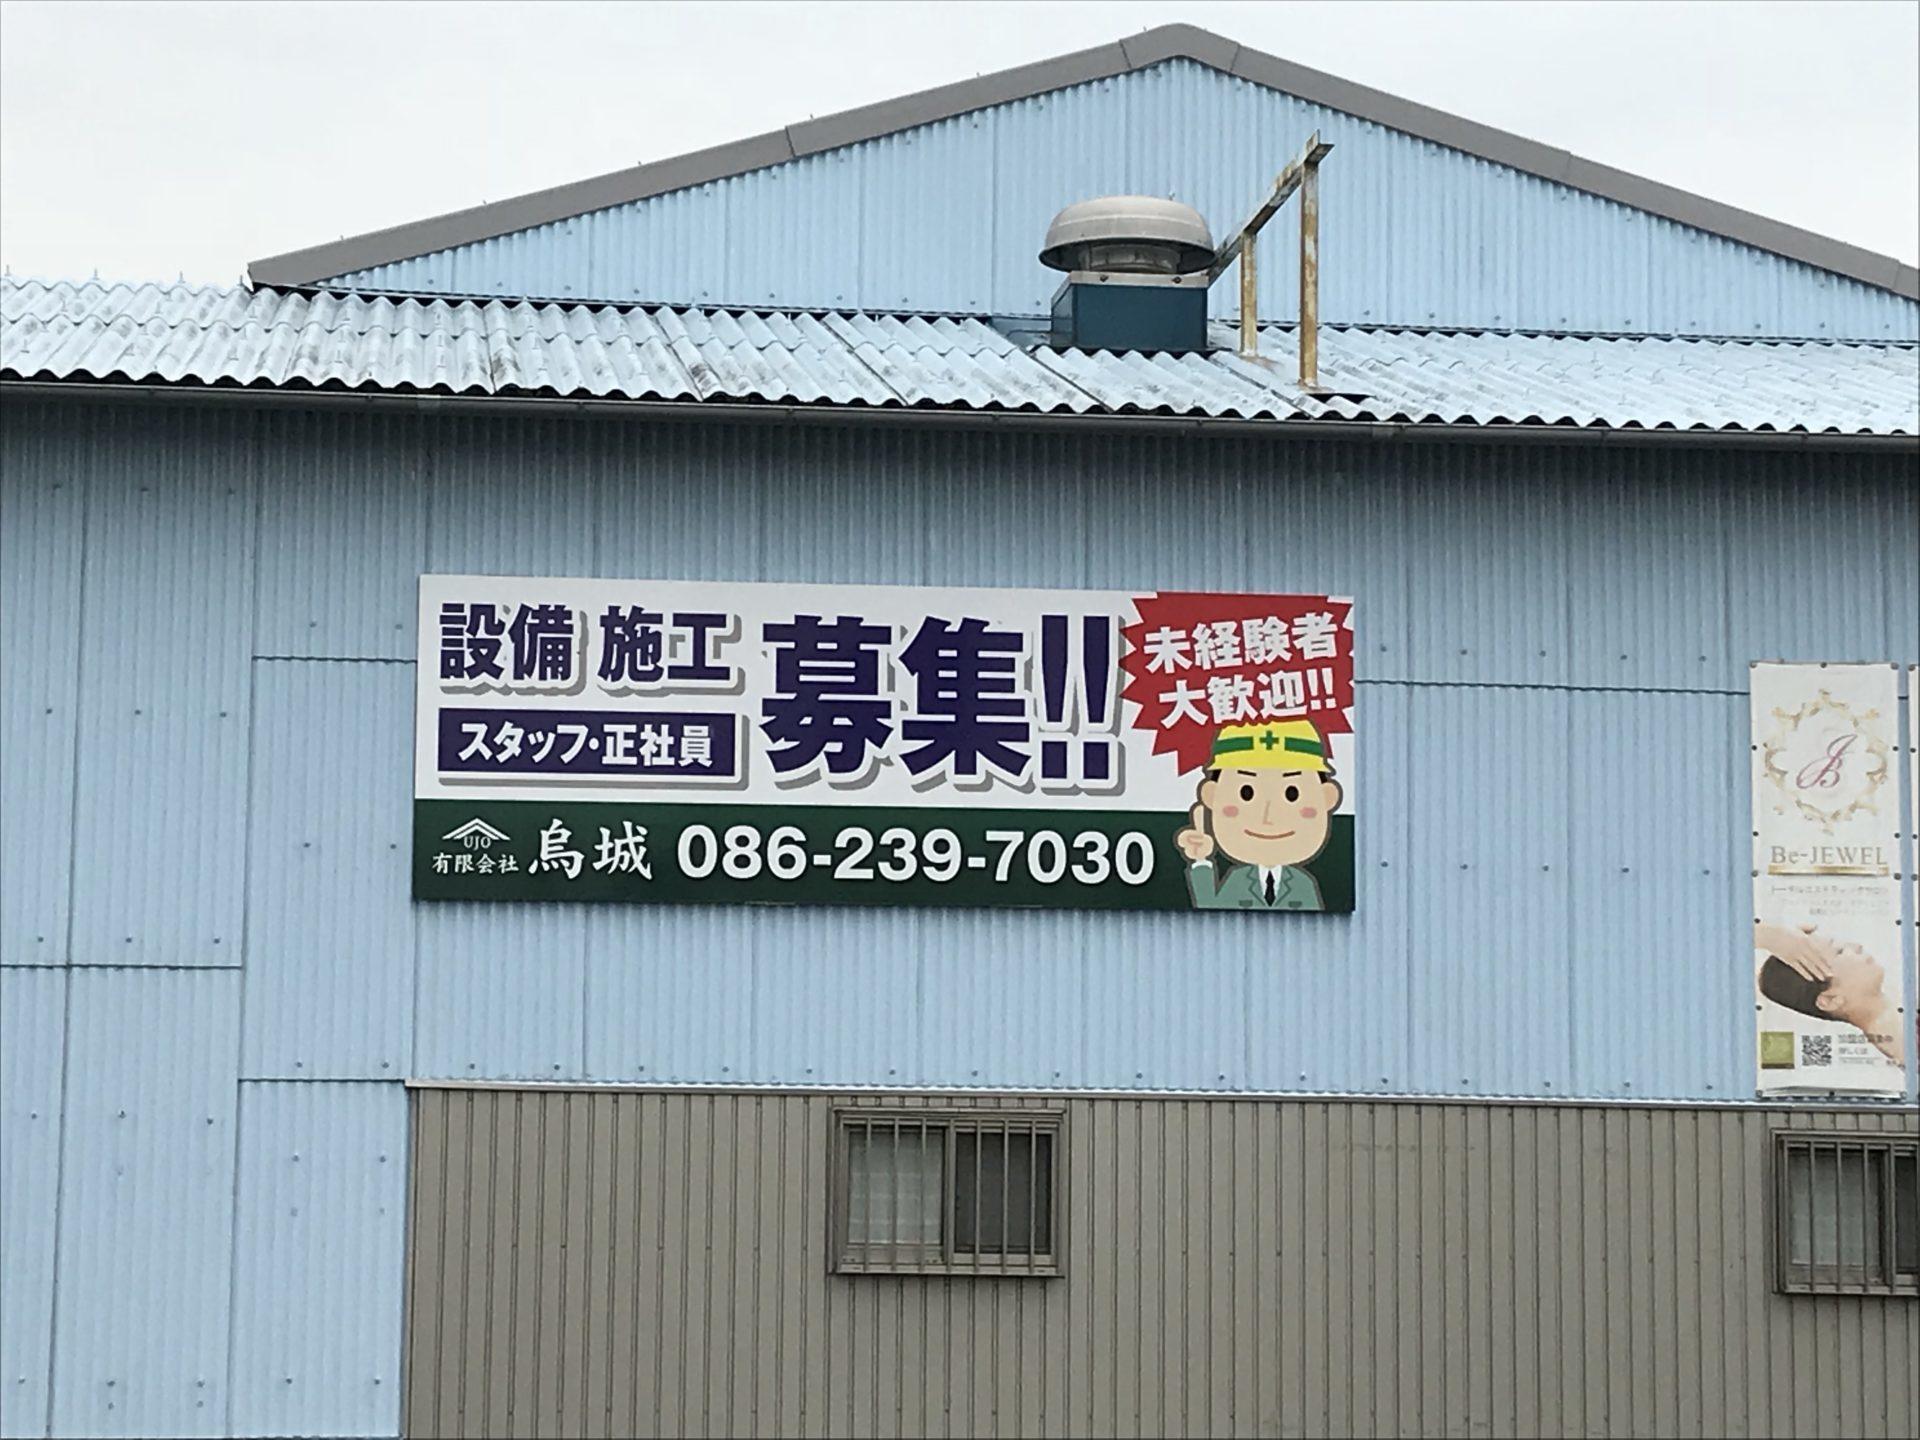 写真:岡山市 鳥城様の看板